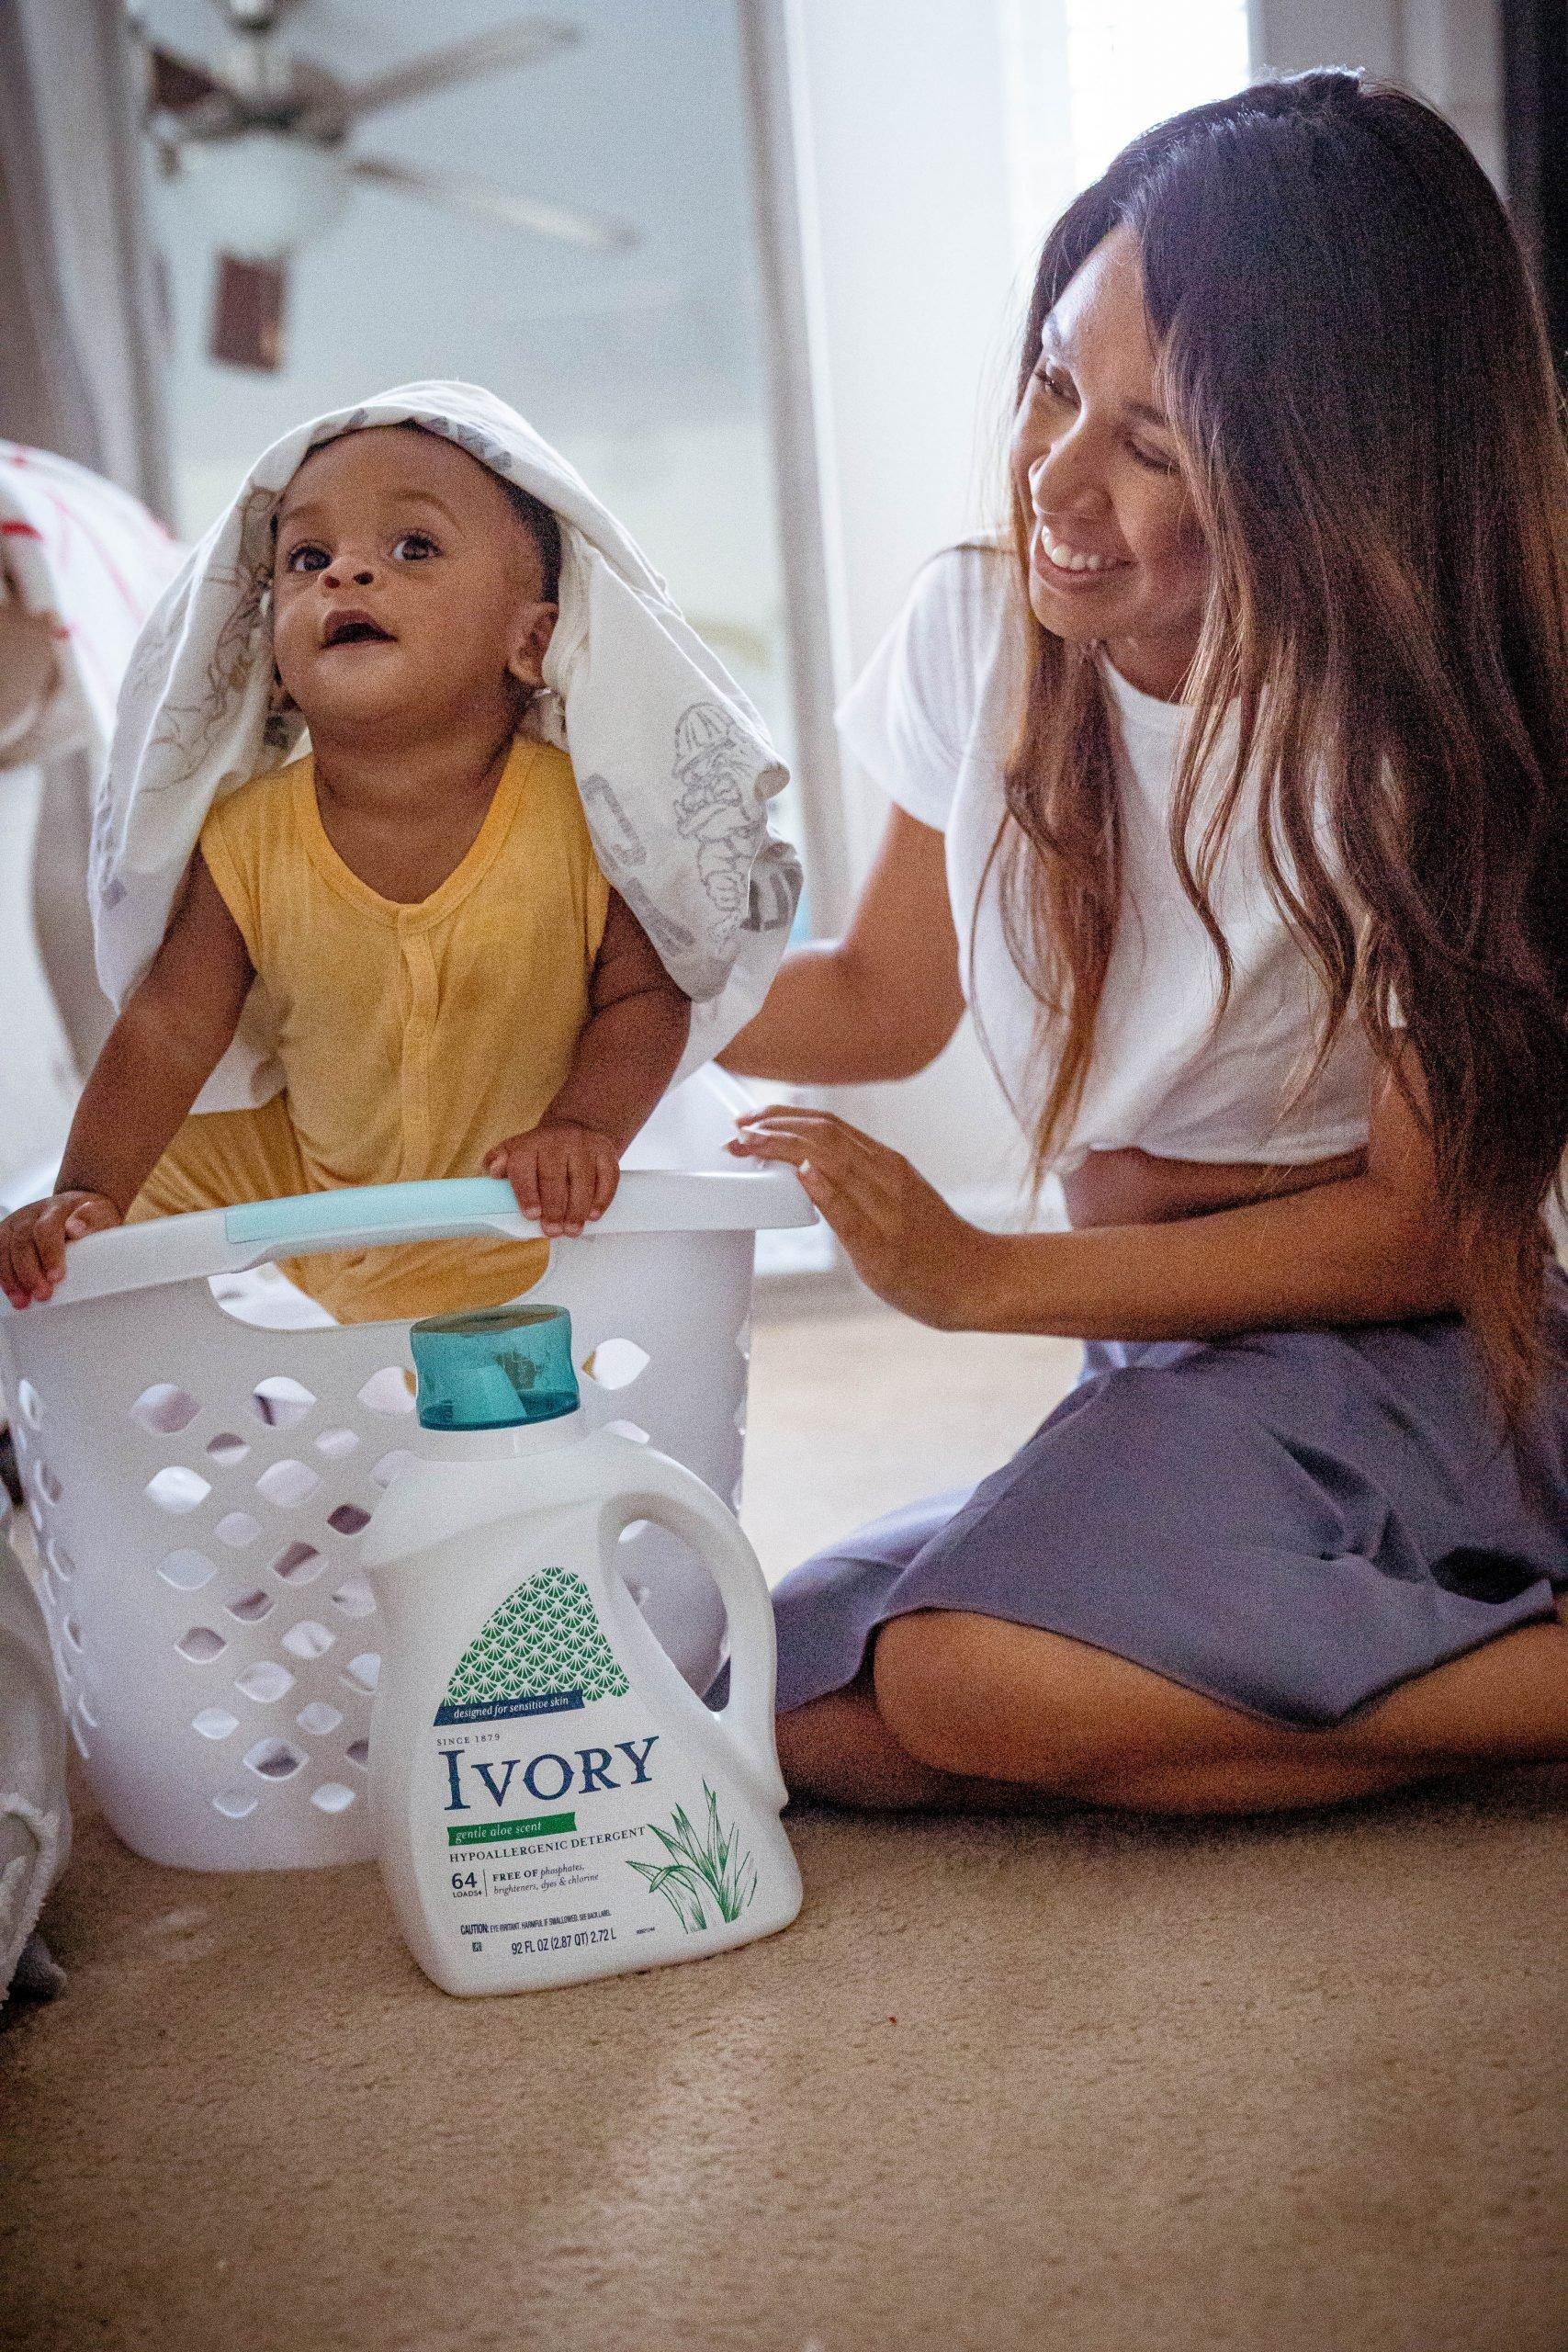 LivingLesh using ivory laundry detergent for sensitive skin